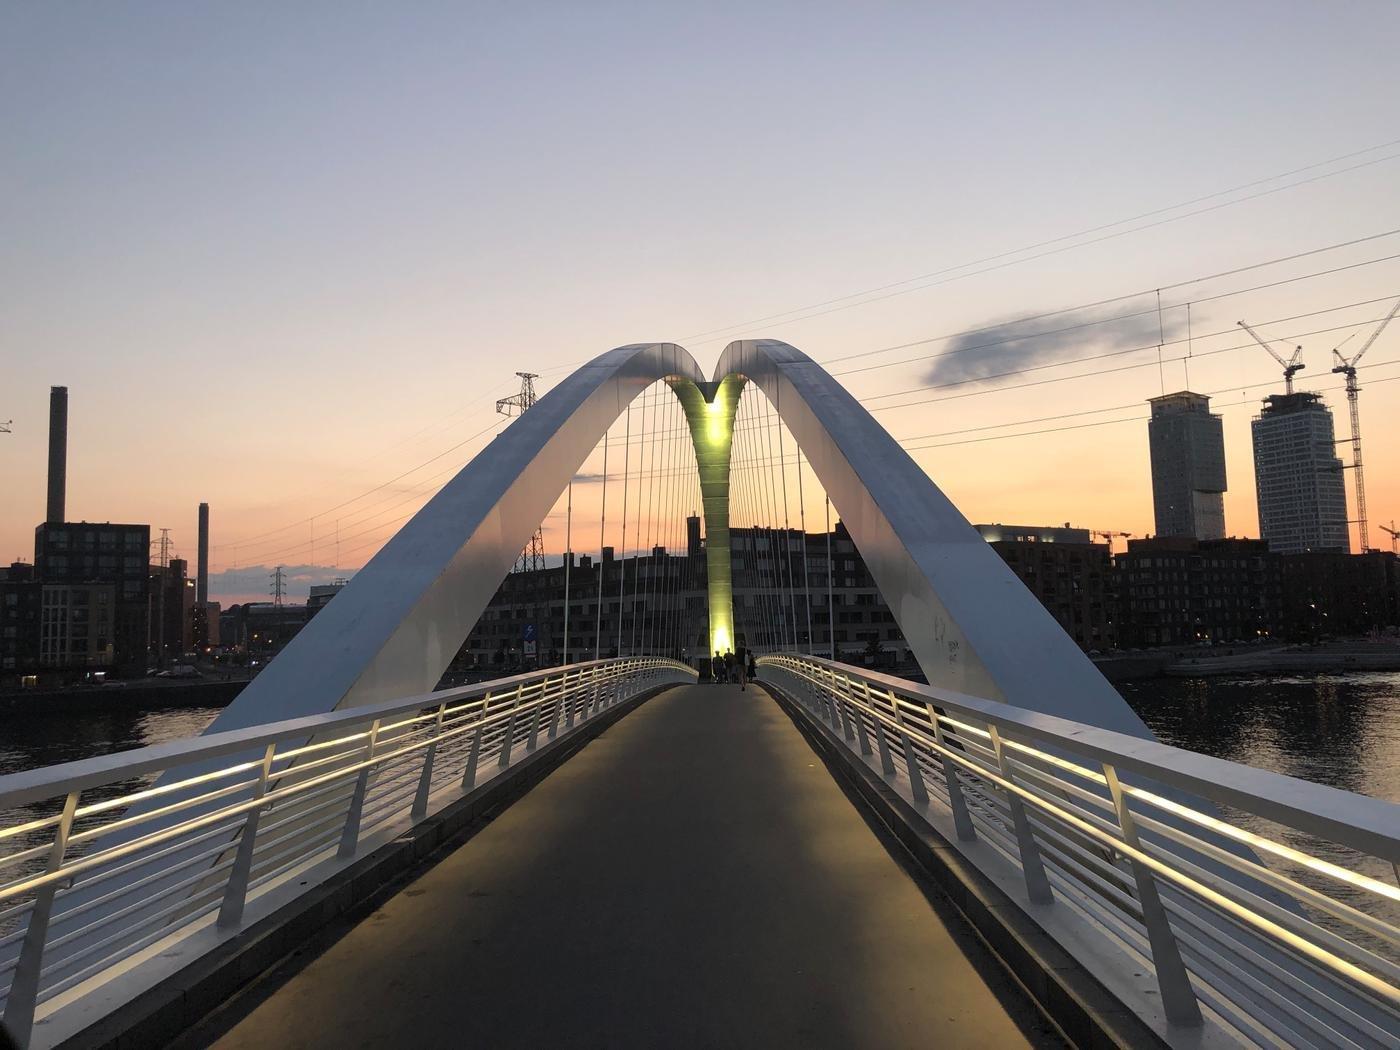 Мост на Mustikkamaa, остров черничной земли. Хельсинки